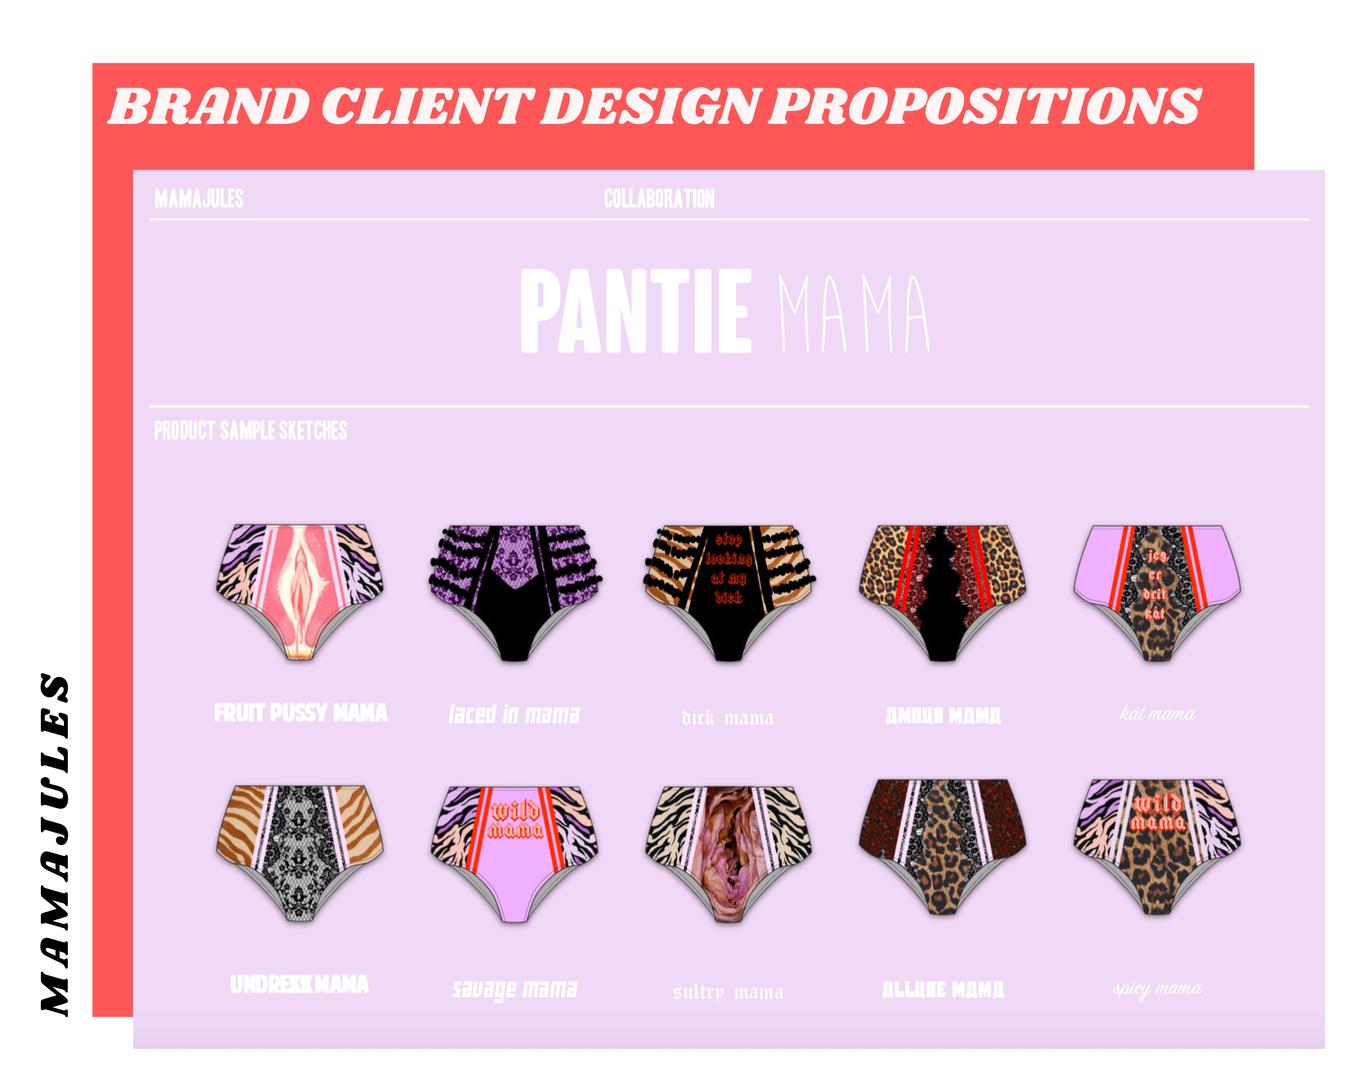 malin-molden-design-oslo-freelance-desig